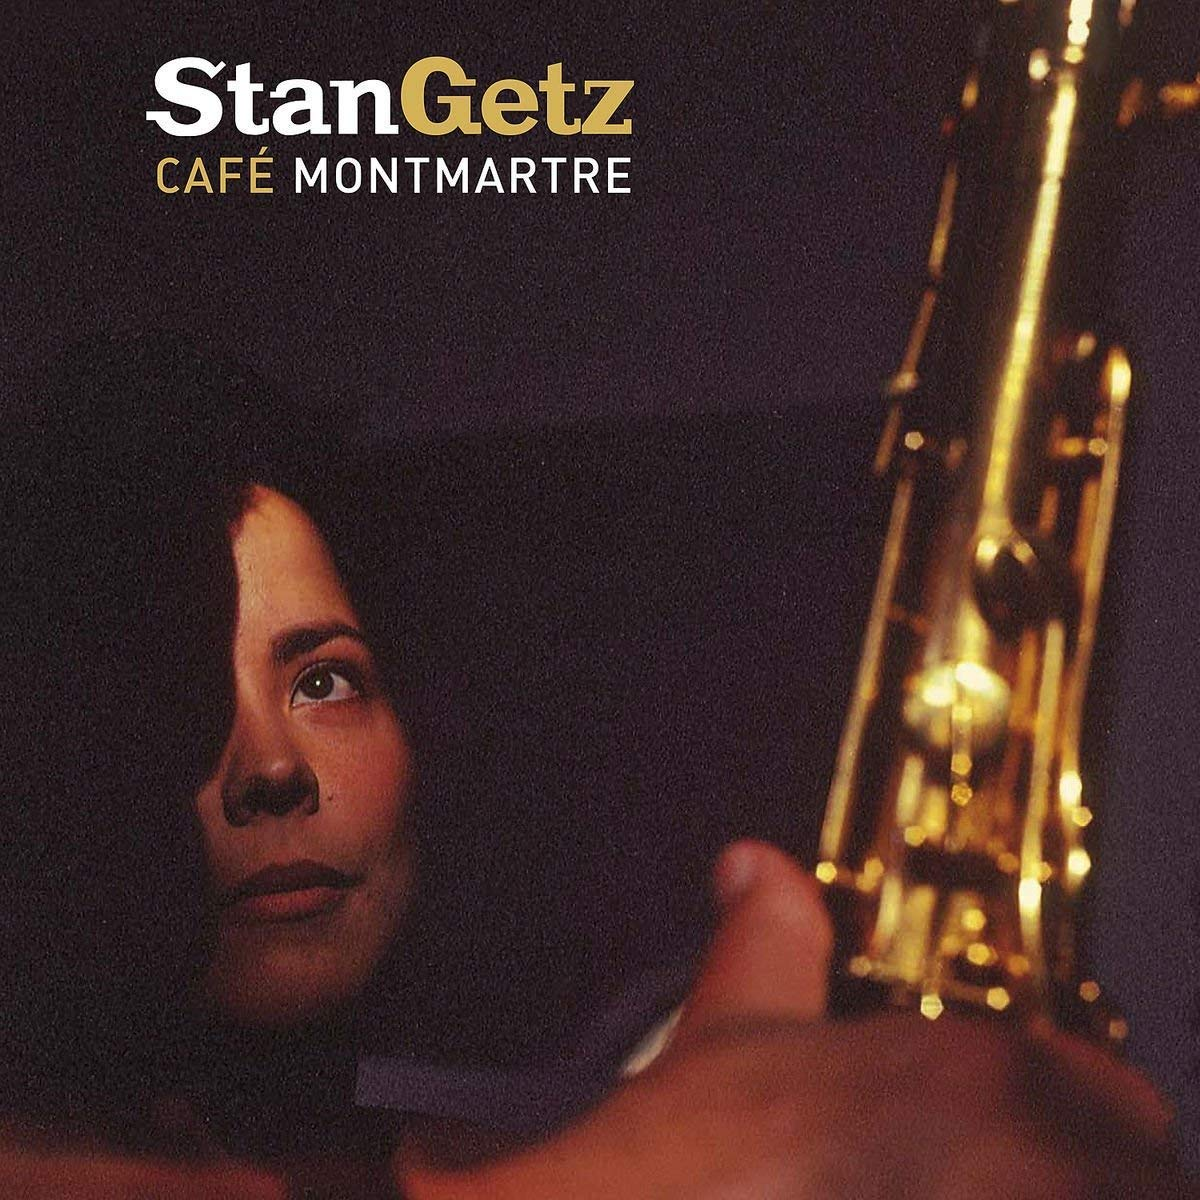 Стэн Гетц Stan Getz. Cafe Montmartre (LP) стэн гетц stan getz big band bossa nova lp